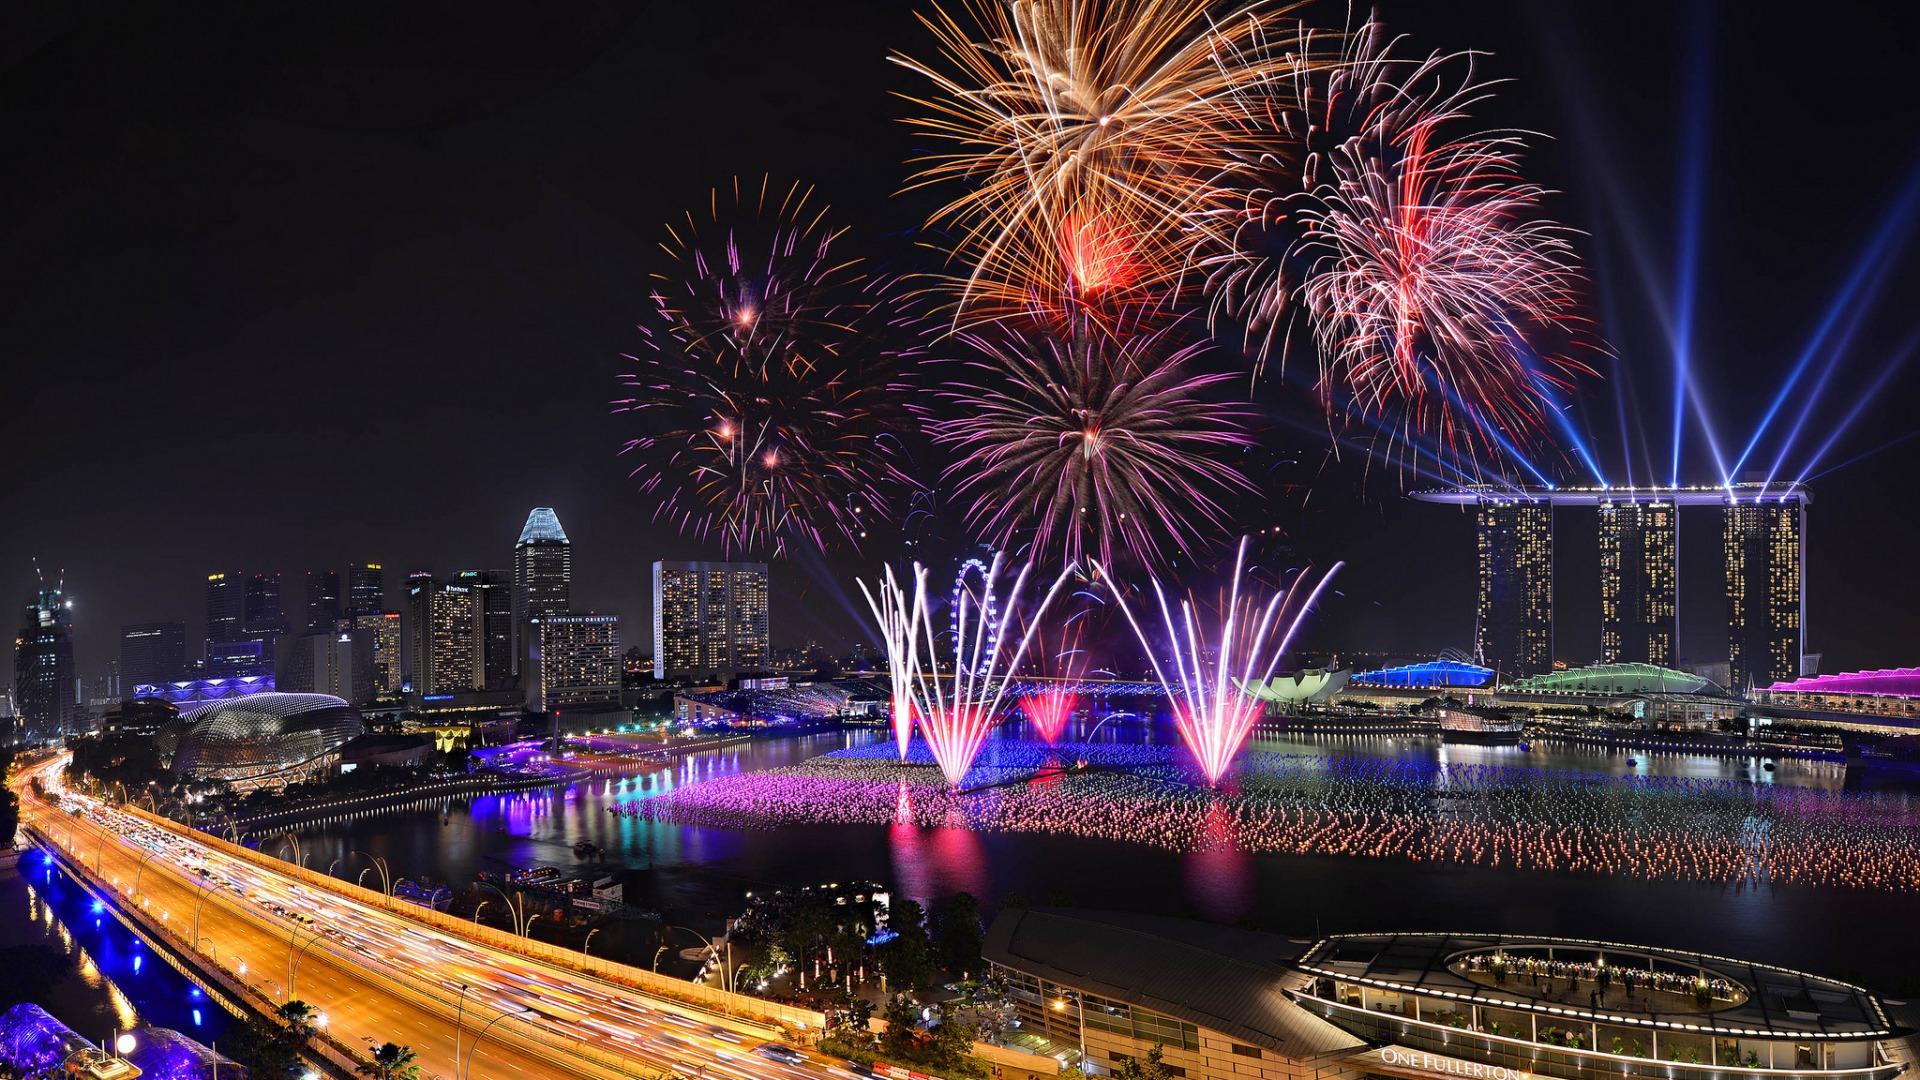 Capodanno: i fuochi d'artificio più belli del mondo - Singapore